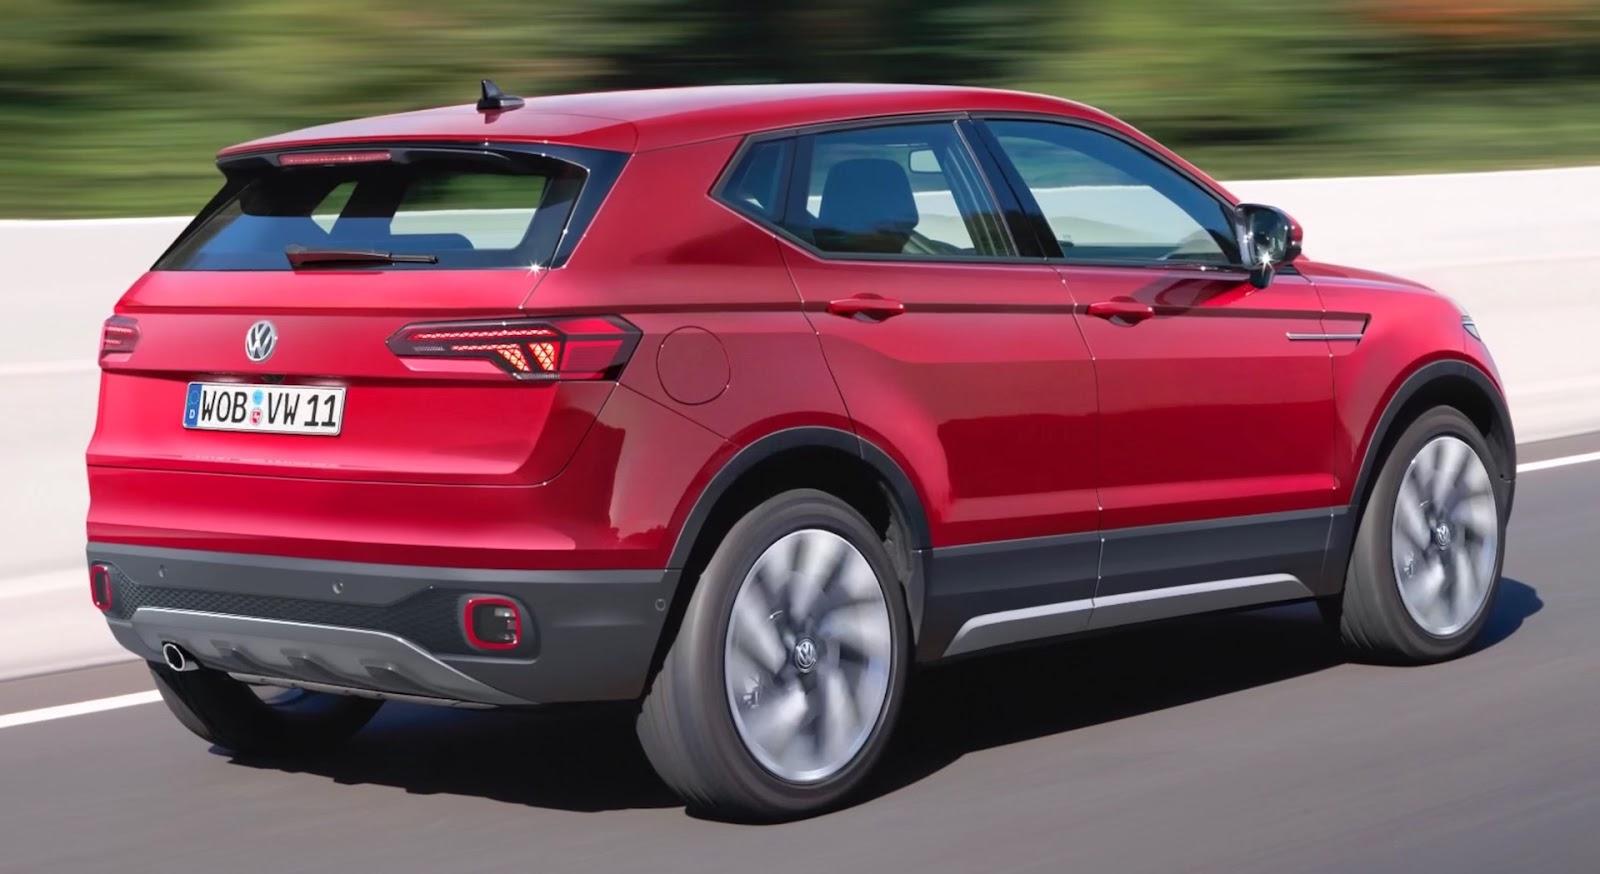 foto volkswagen t-cross posteriore auto di colore rosso